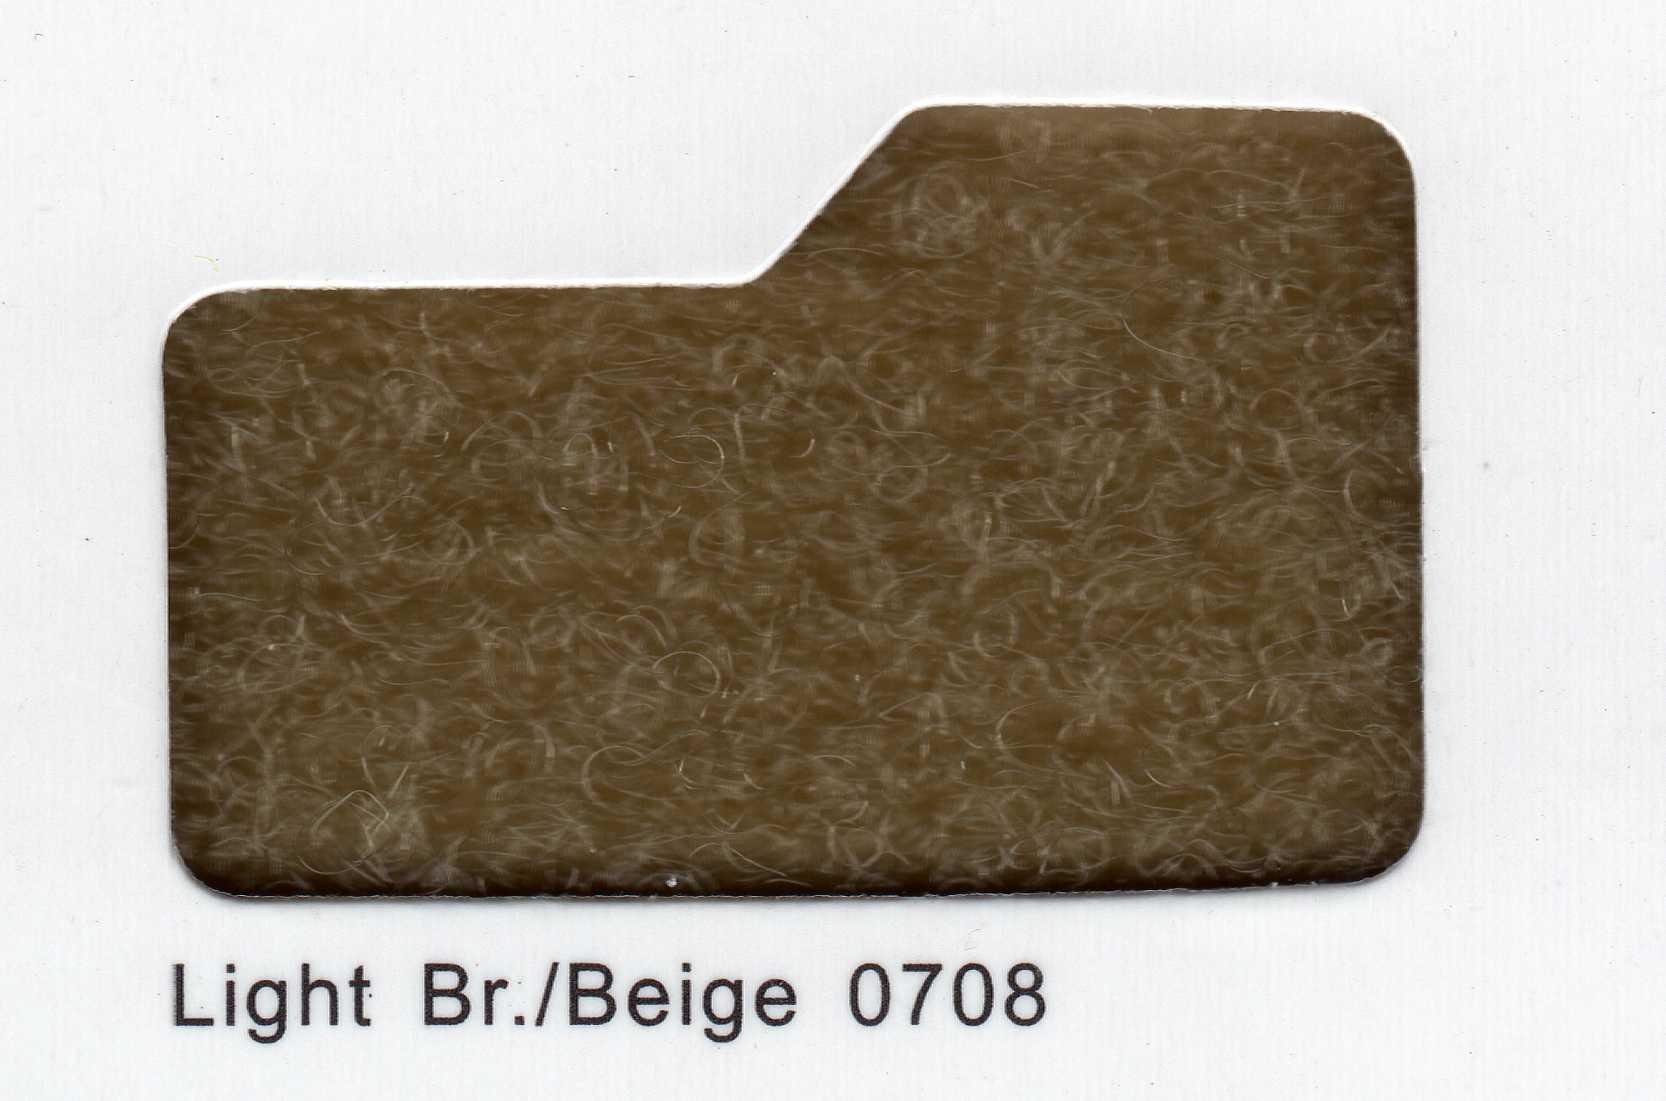 Cinta de cierre Velcro-Veraco 20mm Beige 0708 (Gancho).